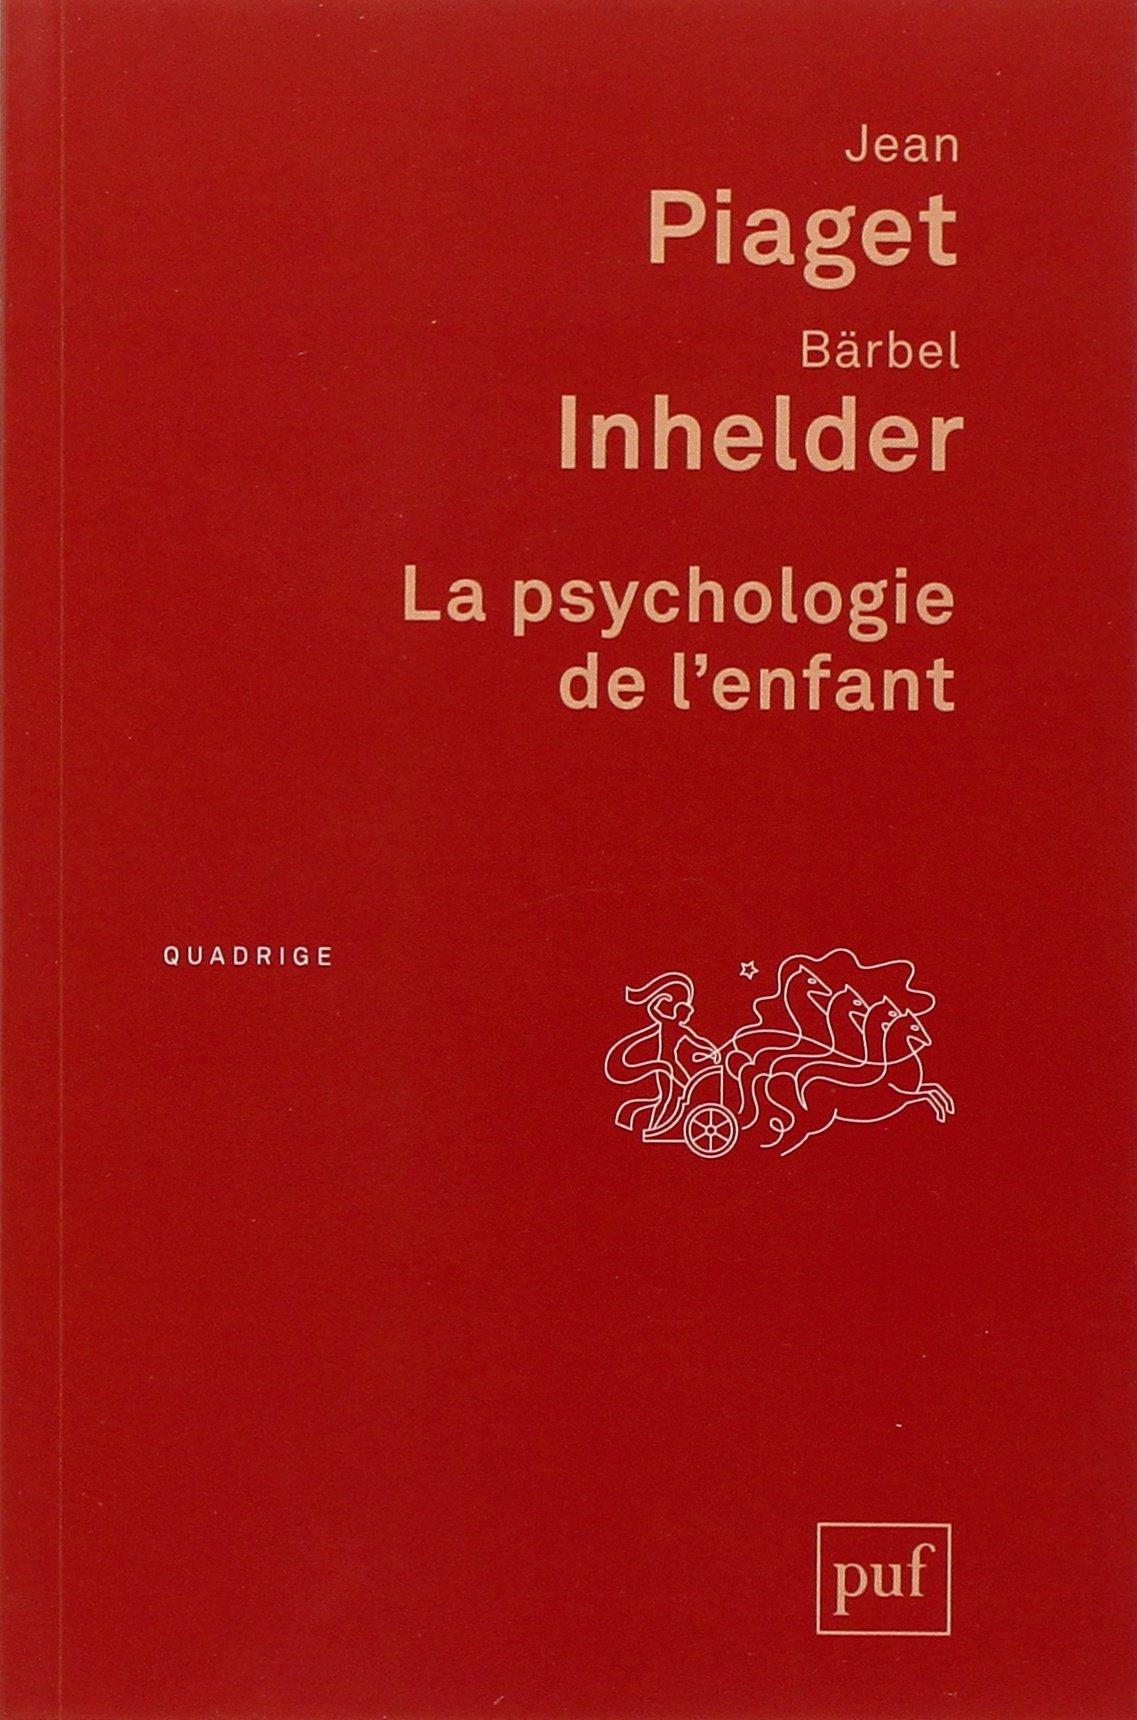 La psychologie de l'enfant - Jean Piaget